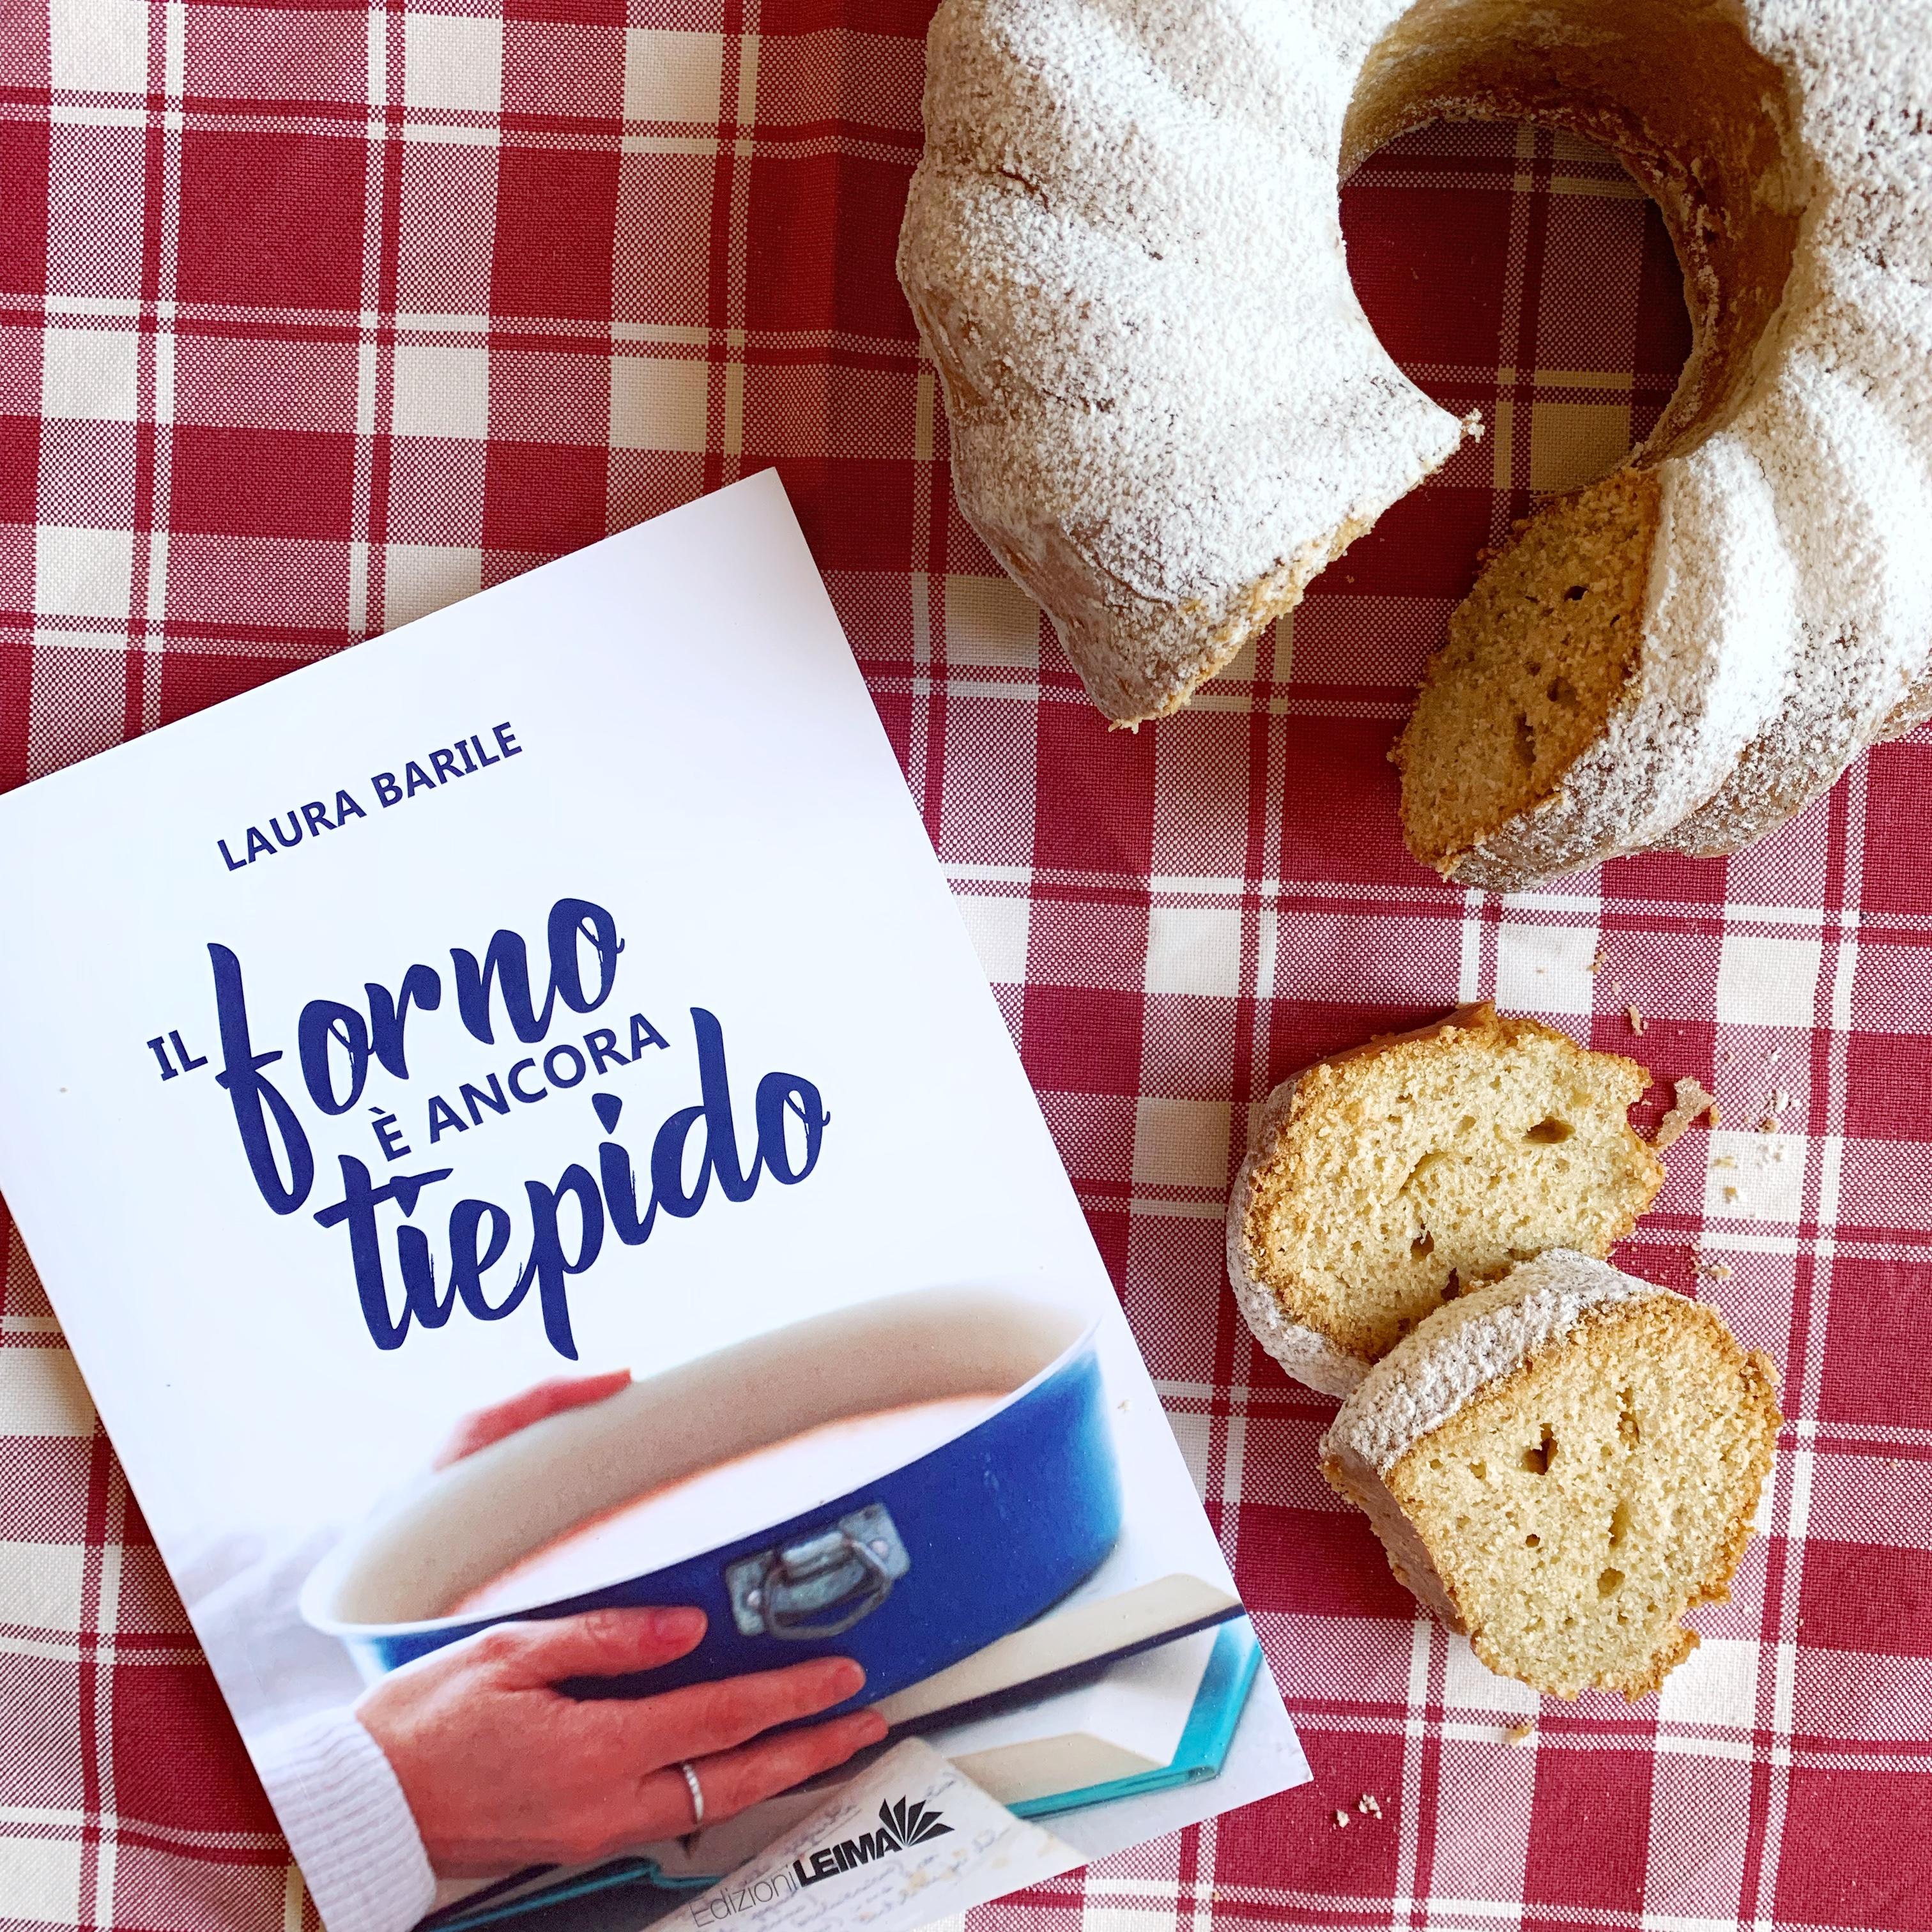 Il forno è ancora tiepida, Laura Barile, Leima edizioni, romanzo, ricette, dolci, dolci casalinghi, dolci fatti in casa, ricette del cuore, infanzia, amore, matrimonio, figli, solitudine